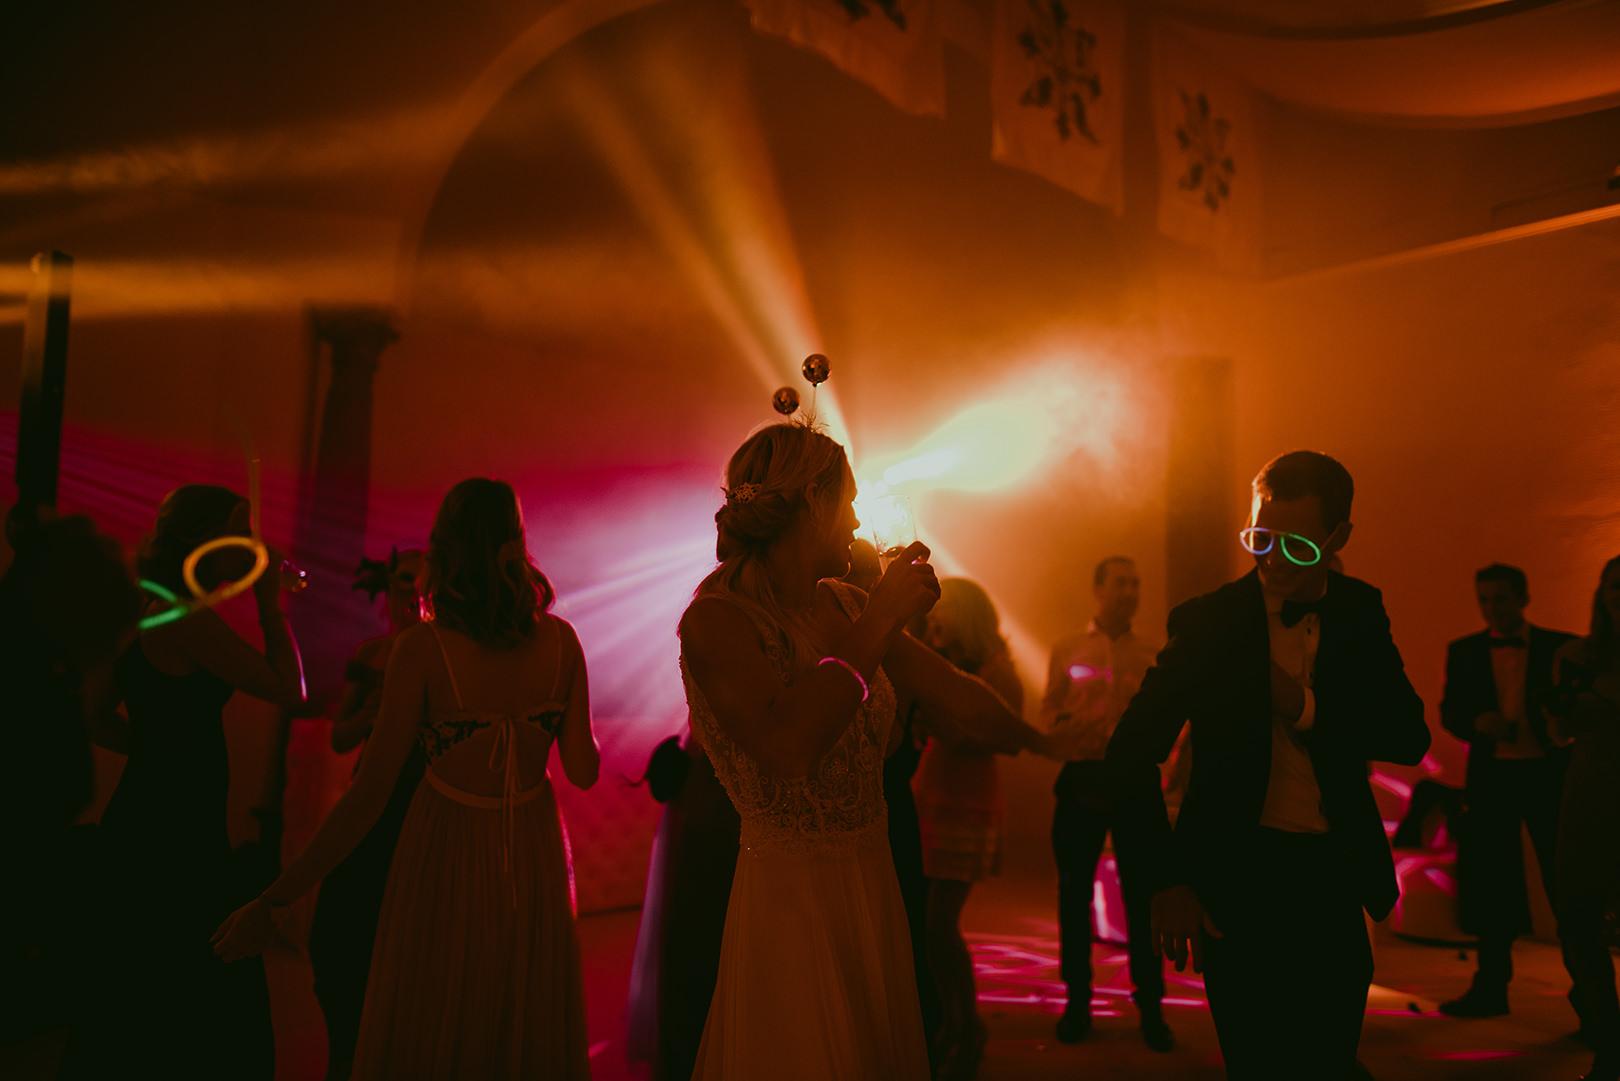 Amazing wedding party photos at Chateau de la Napoule